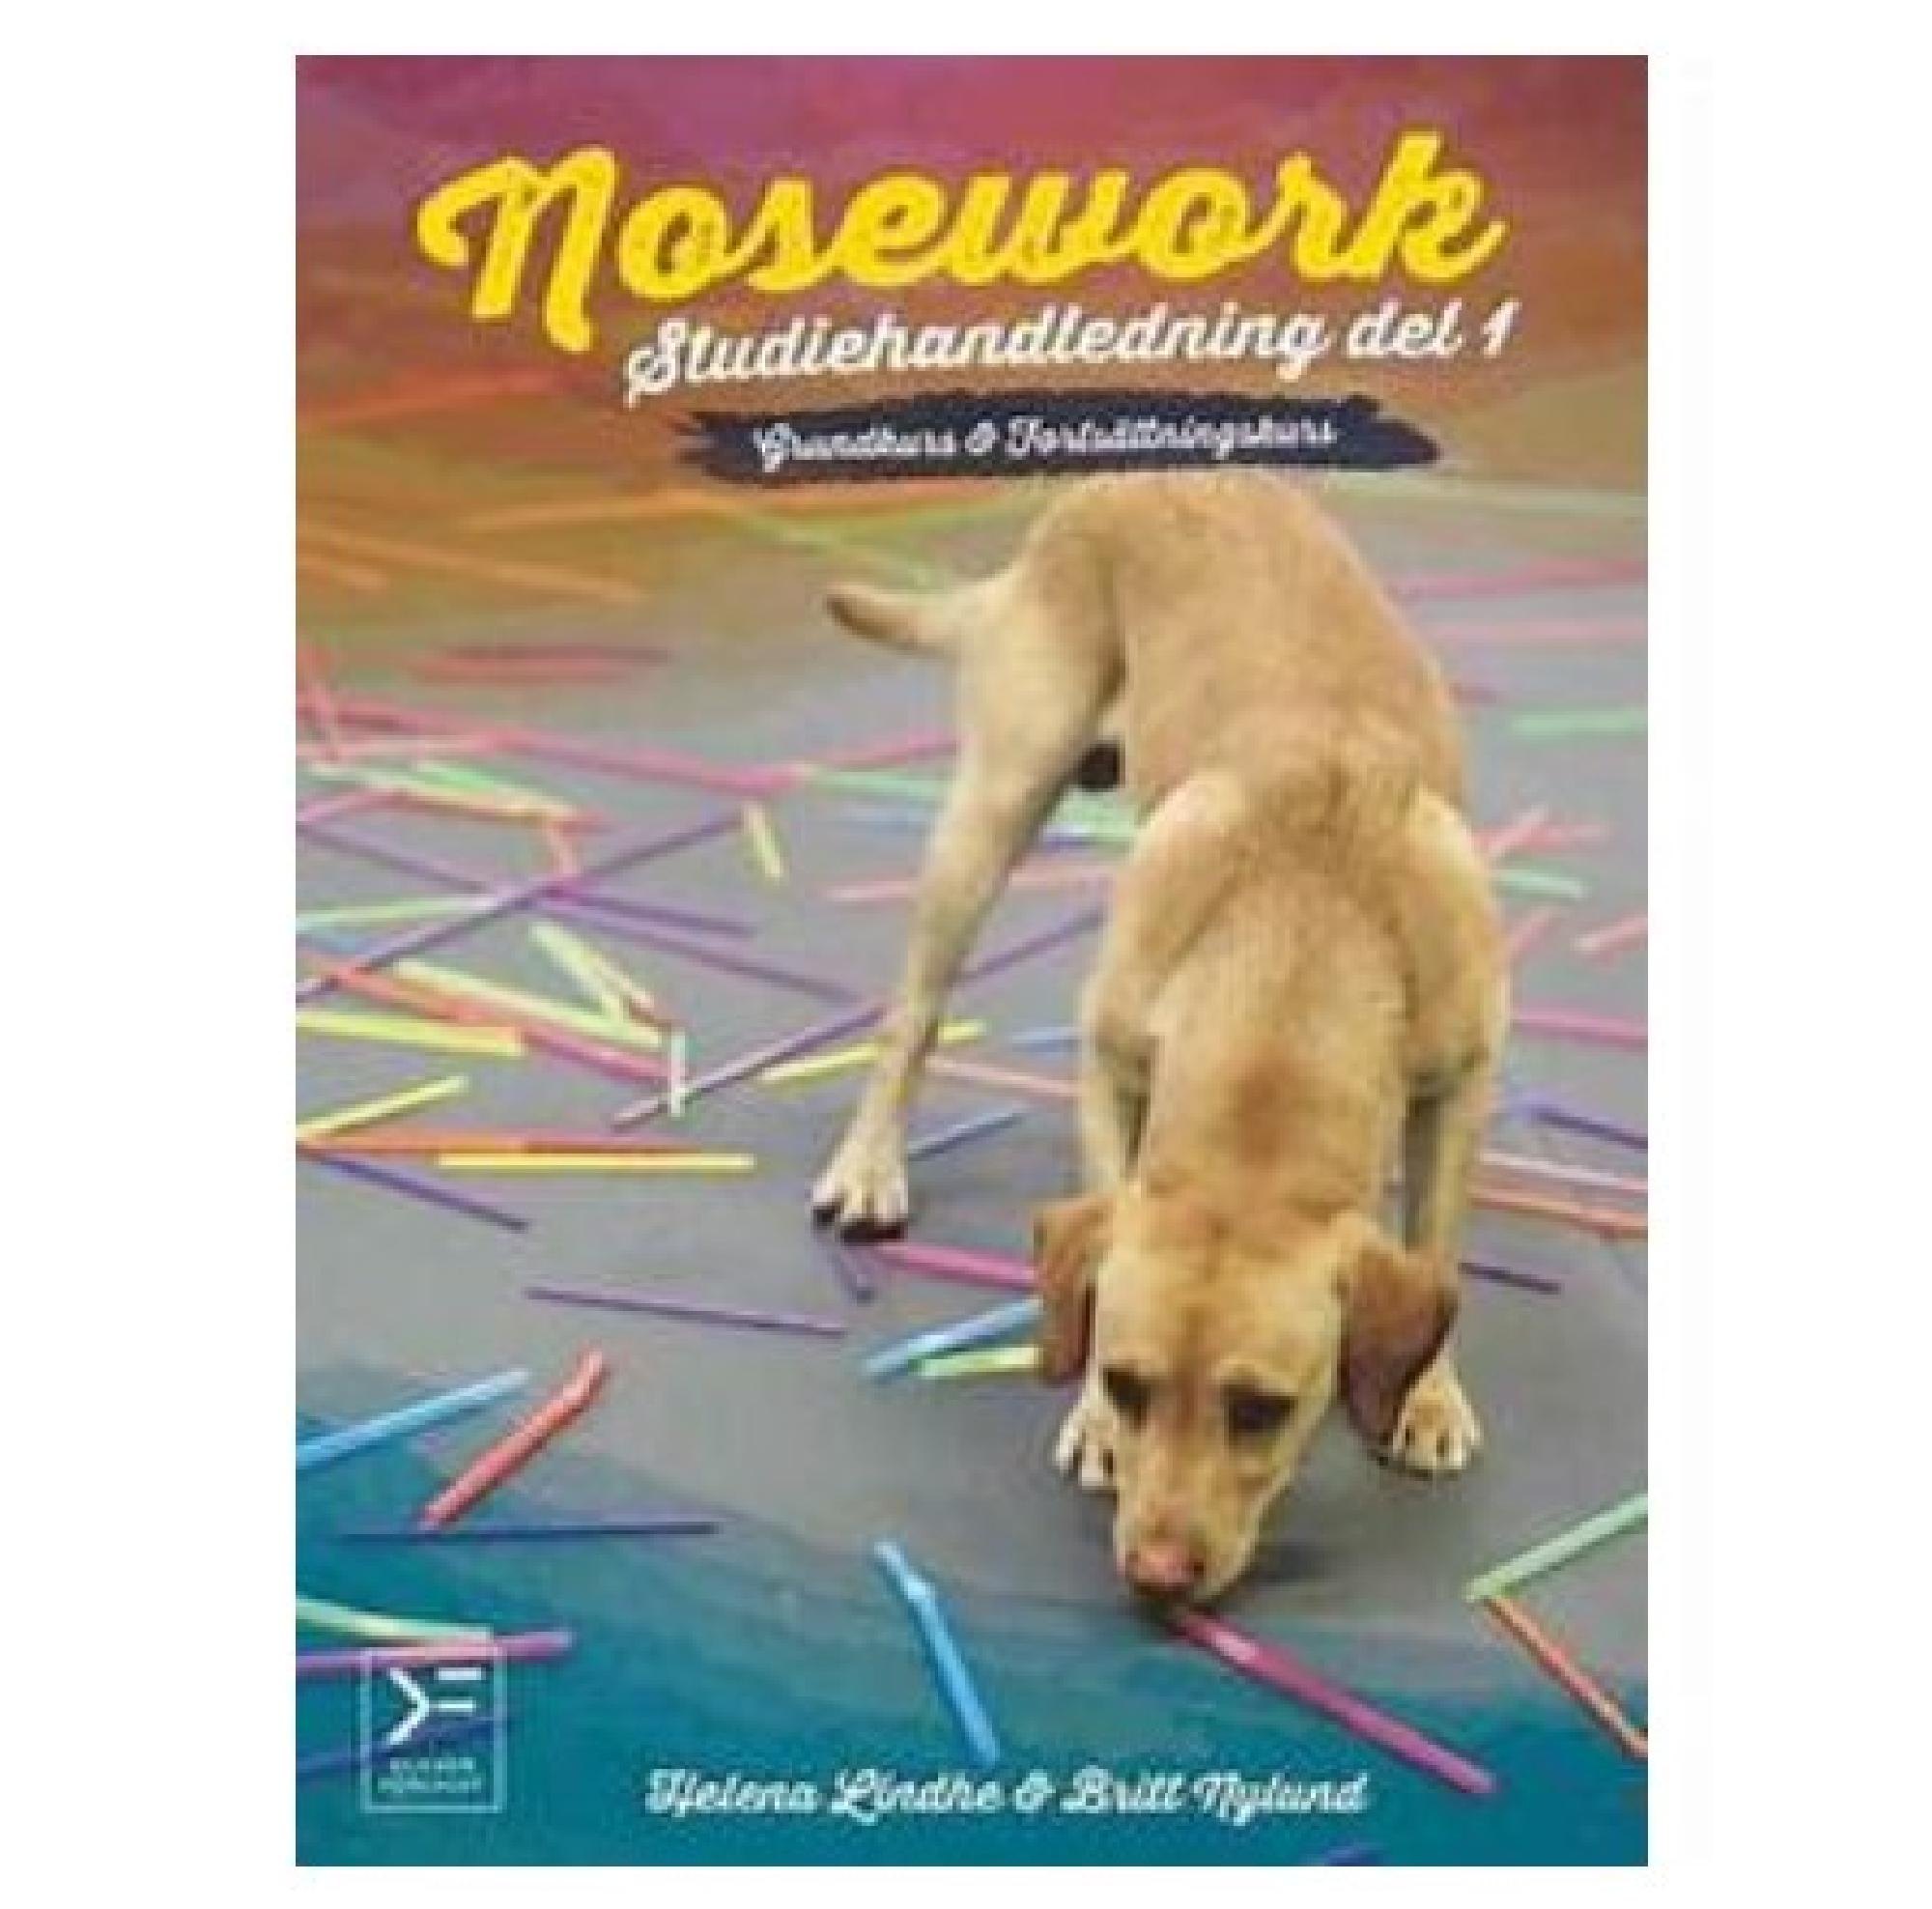 Nosework Studiehandledning 1